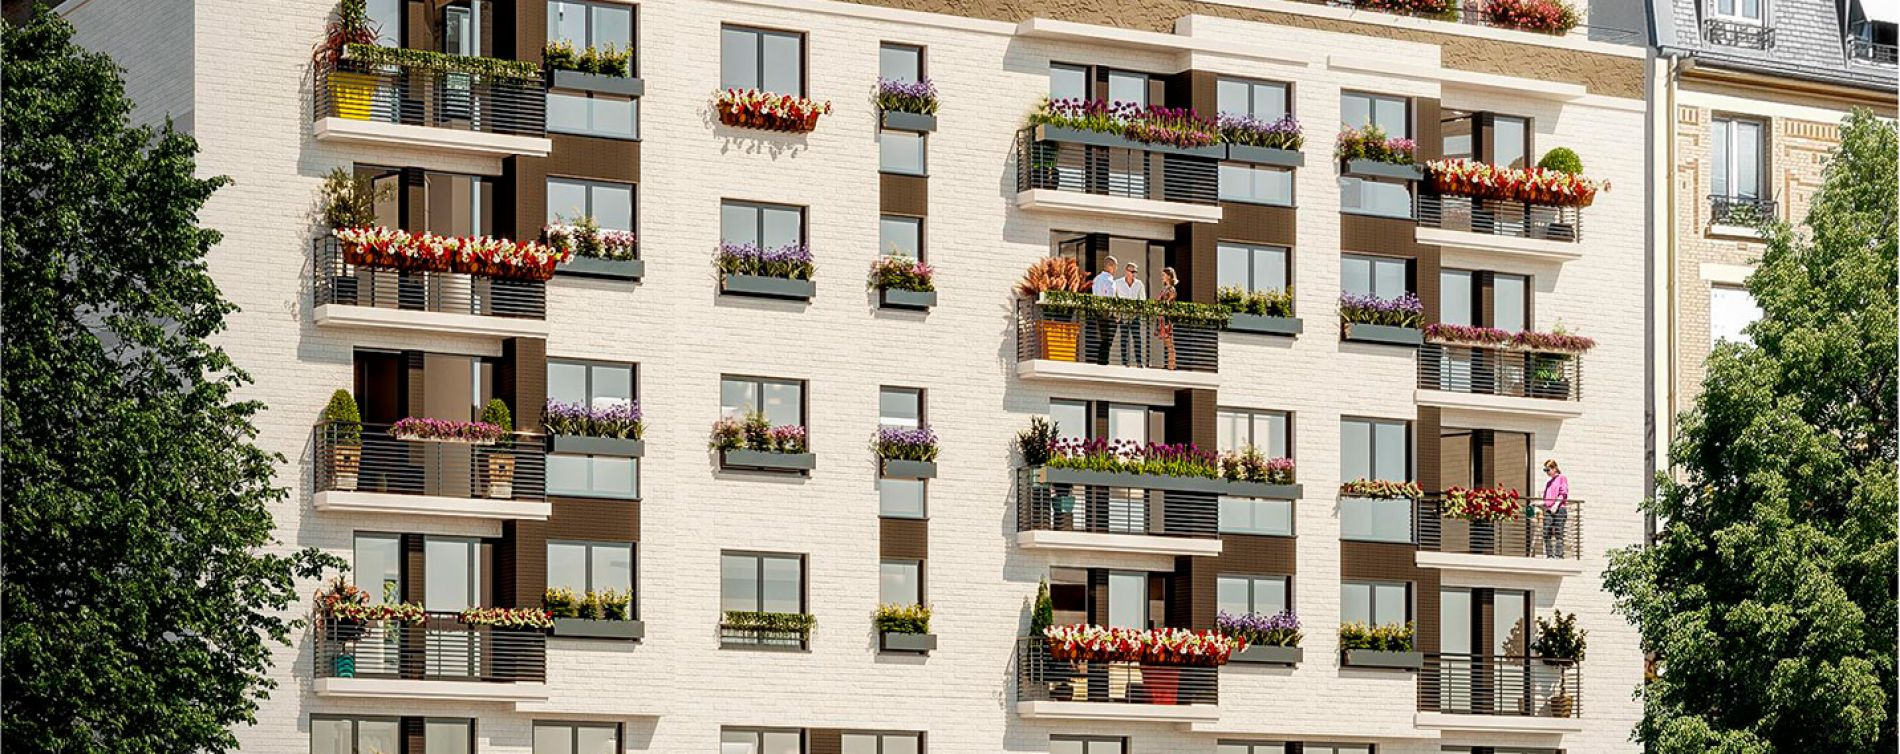 Résidence Confidentiel à Boulogne-Billancourt